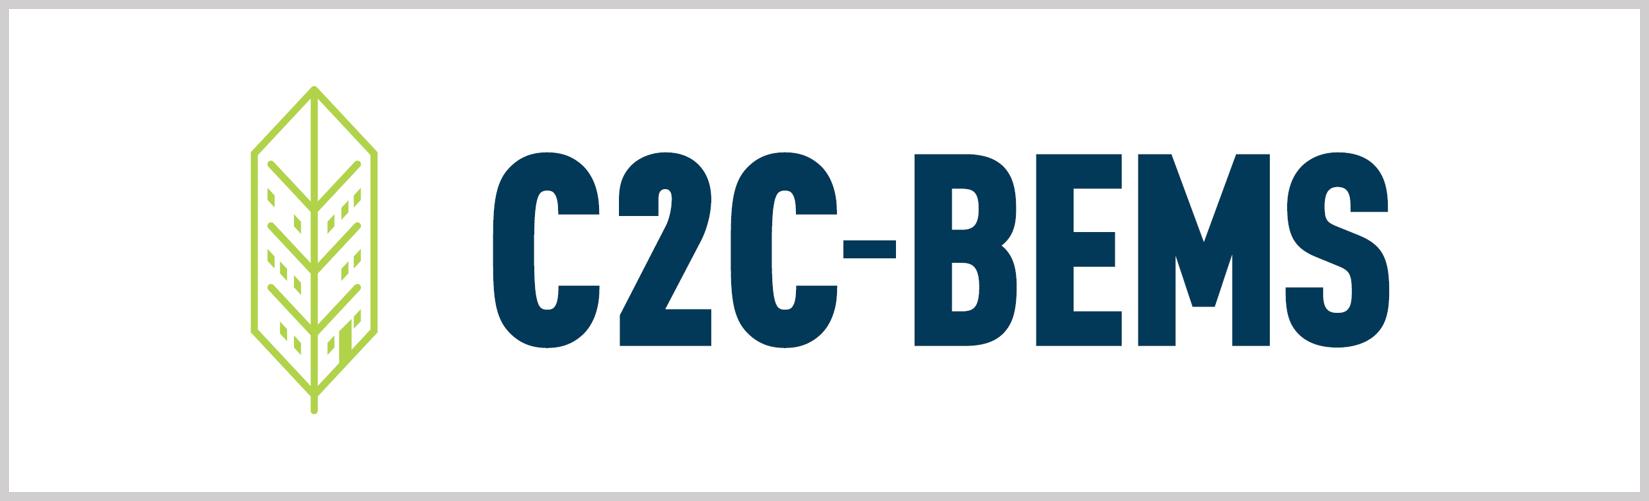 C2C-BEMS 연구단